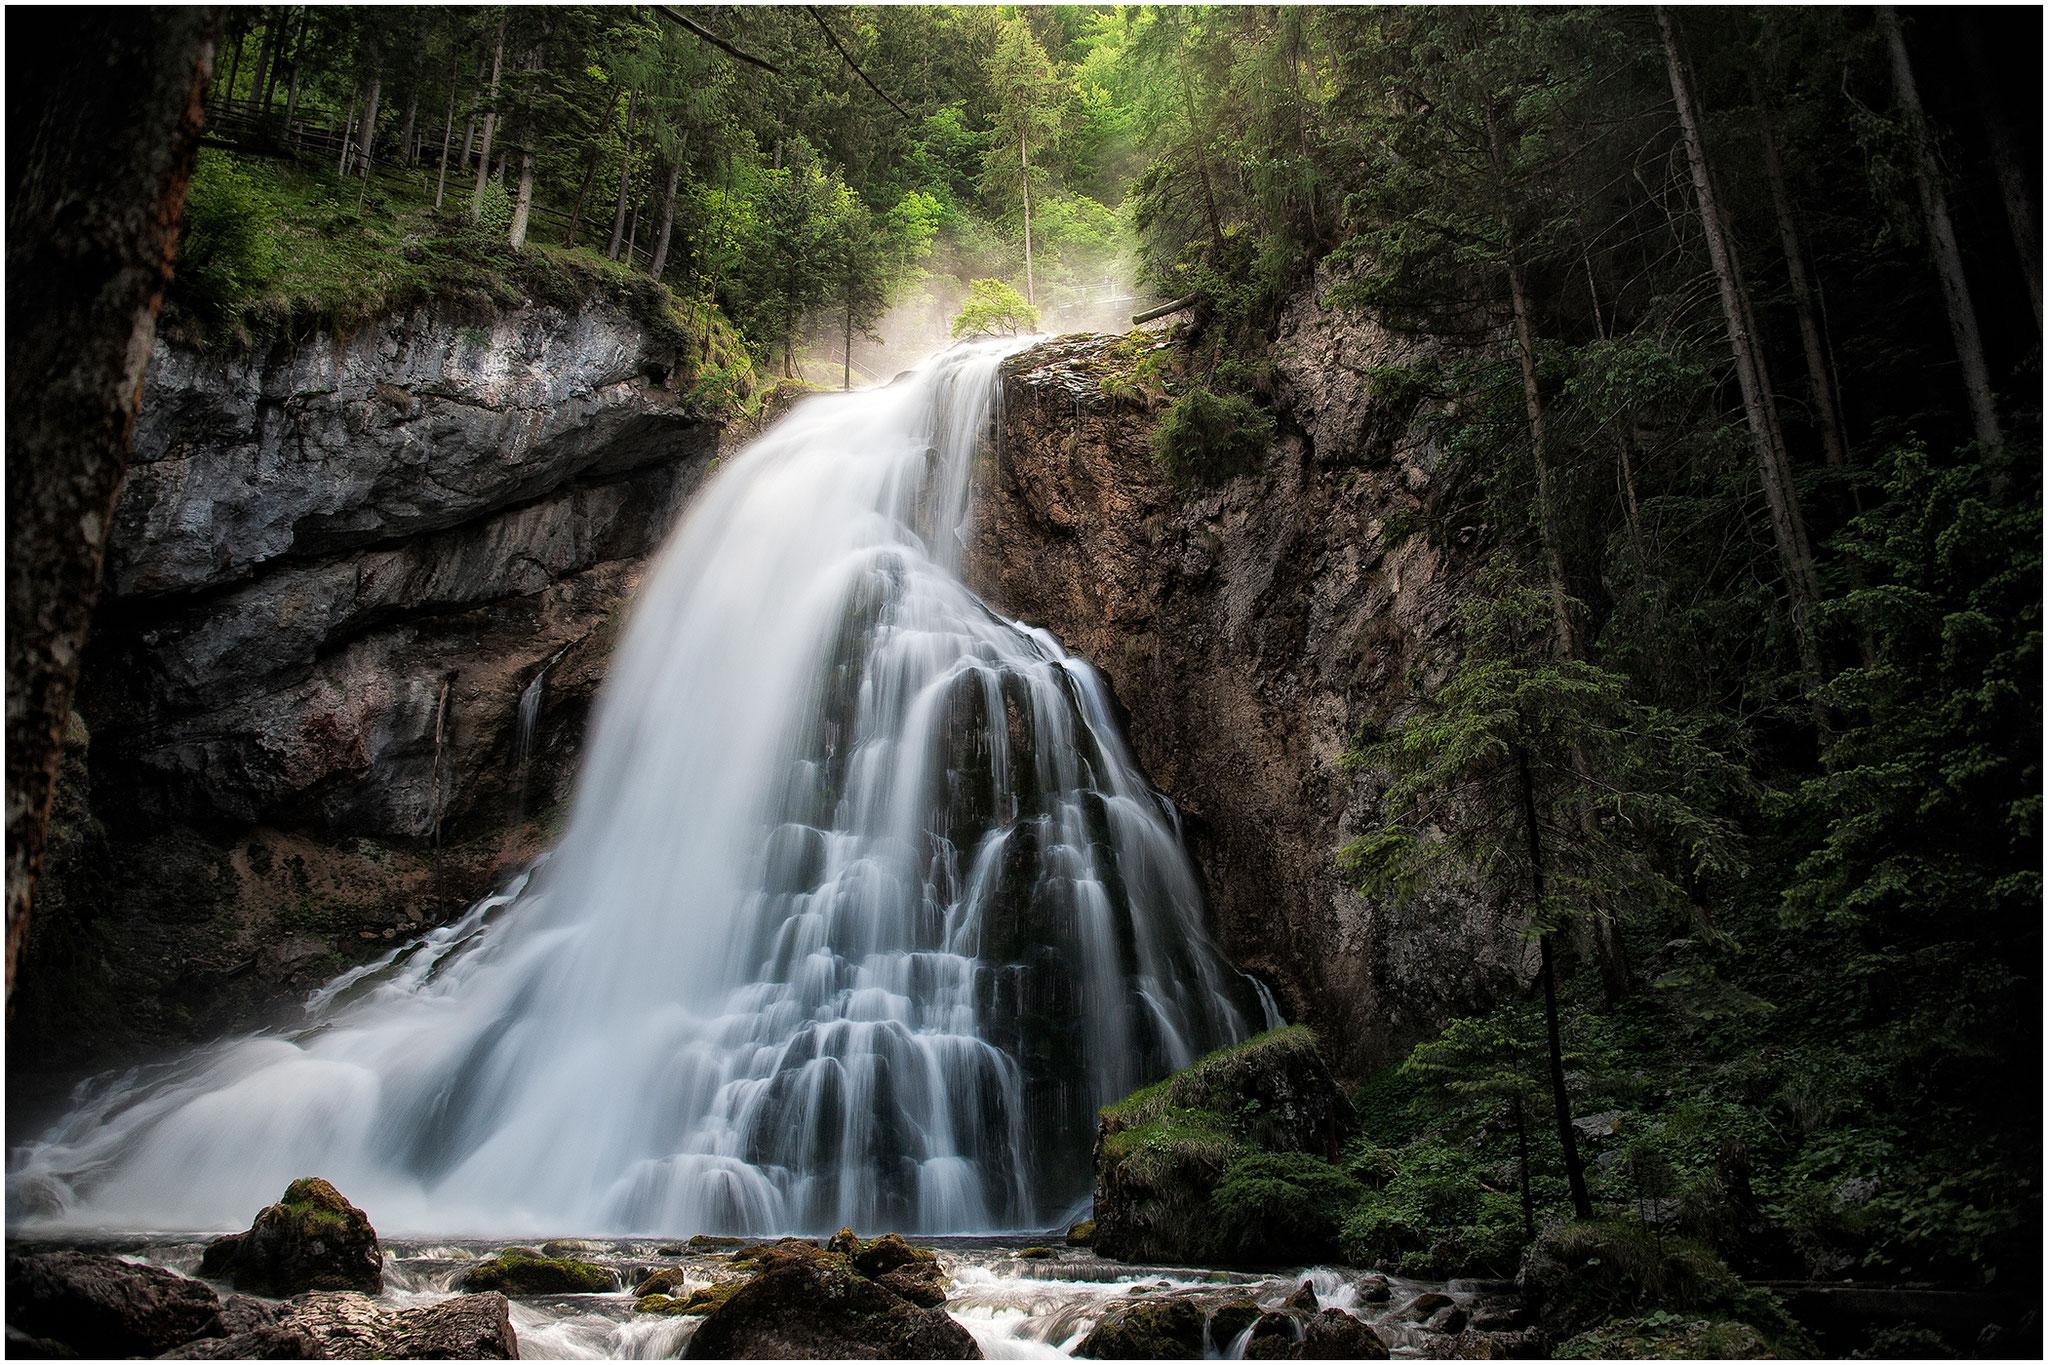 """Ing. Hans Luttinger - """"Gollinger Wasserfall"""" - 25 Pkt. - 4. Platz EW., 4. Platz GW."""